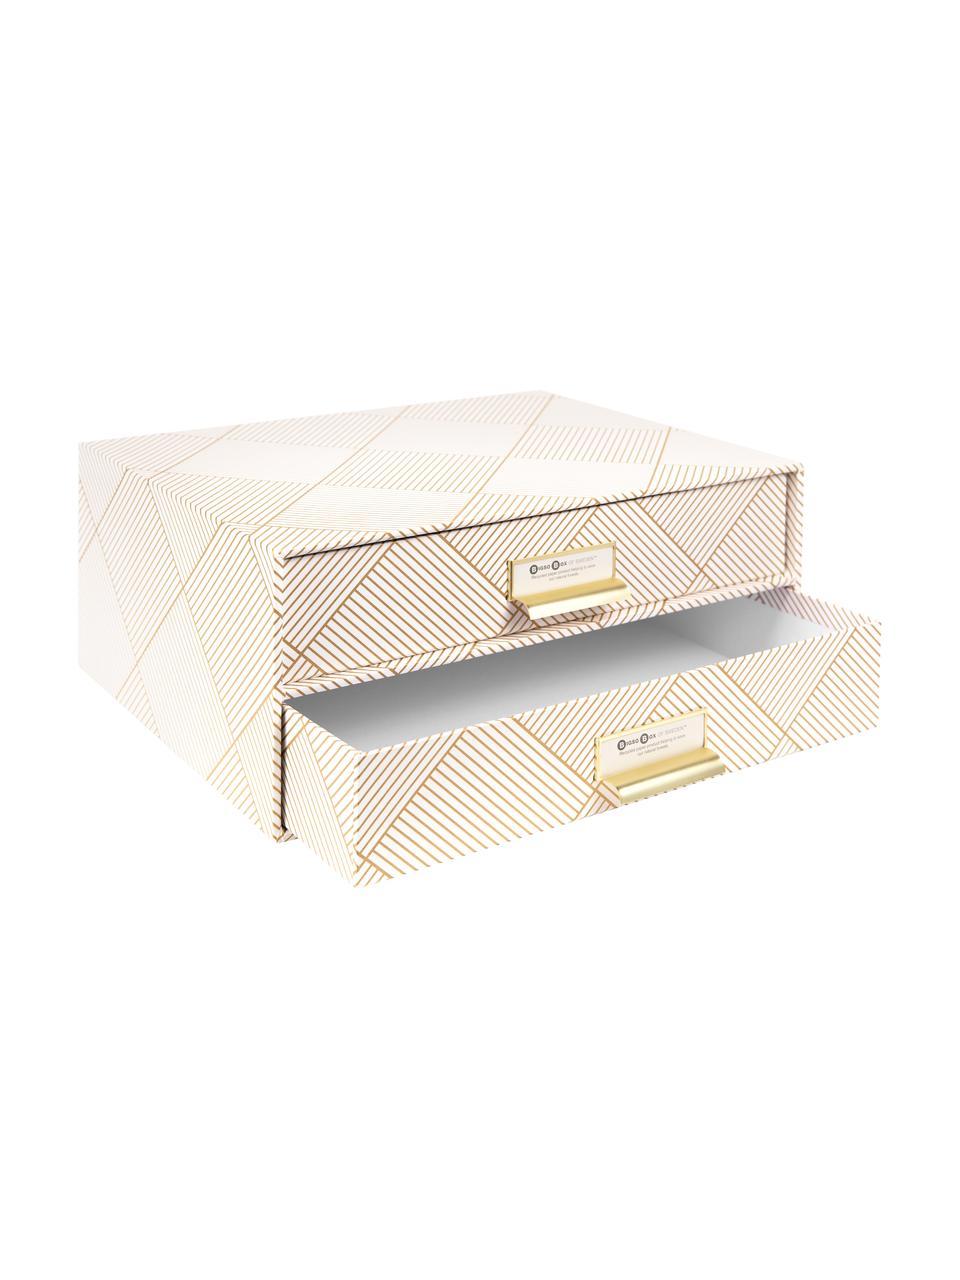 Organizer biurowy Birger, Odcienie złotego, biały, S 33 x W 15 cm